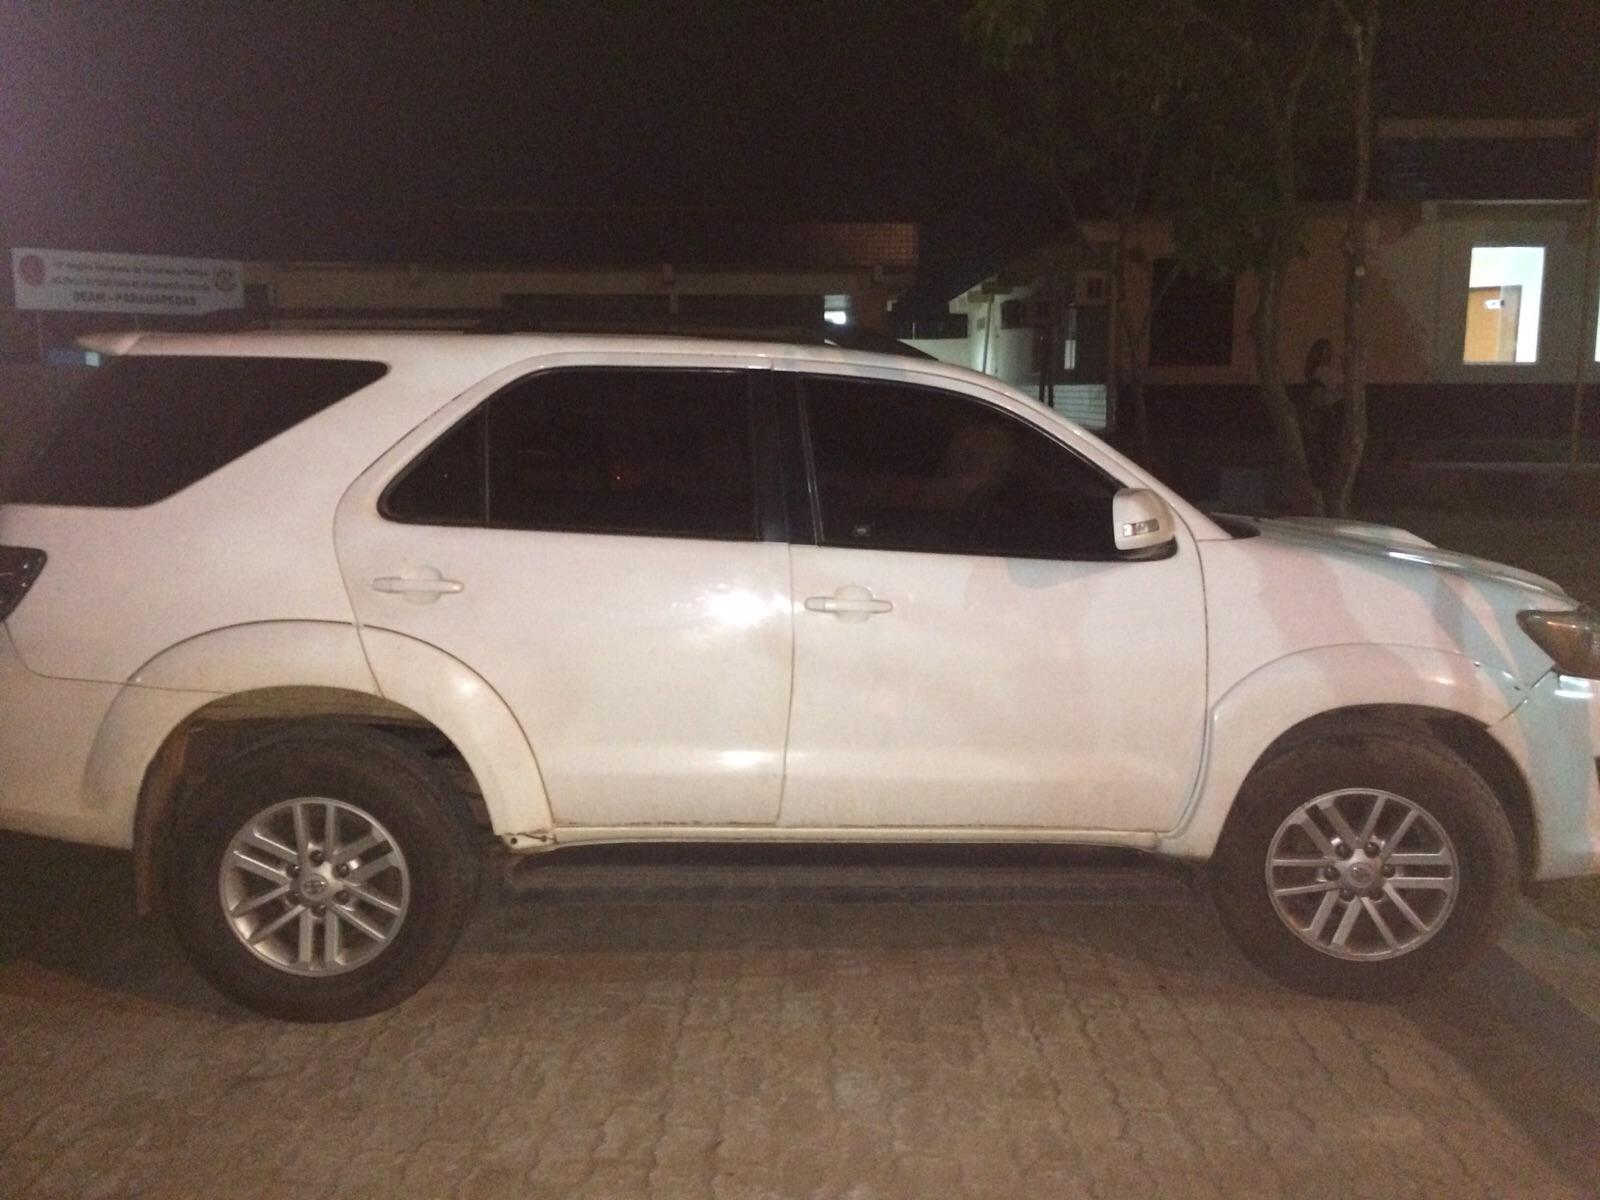 Polícia Civil de Parauapebas apreende veículo de luxo com sinais identificadores adulterados.